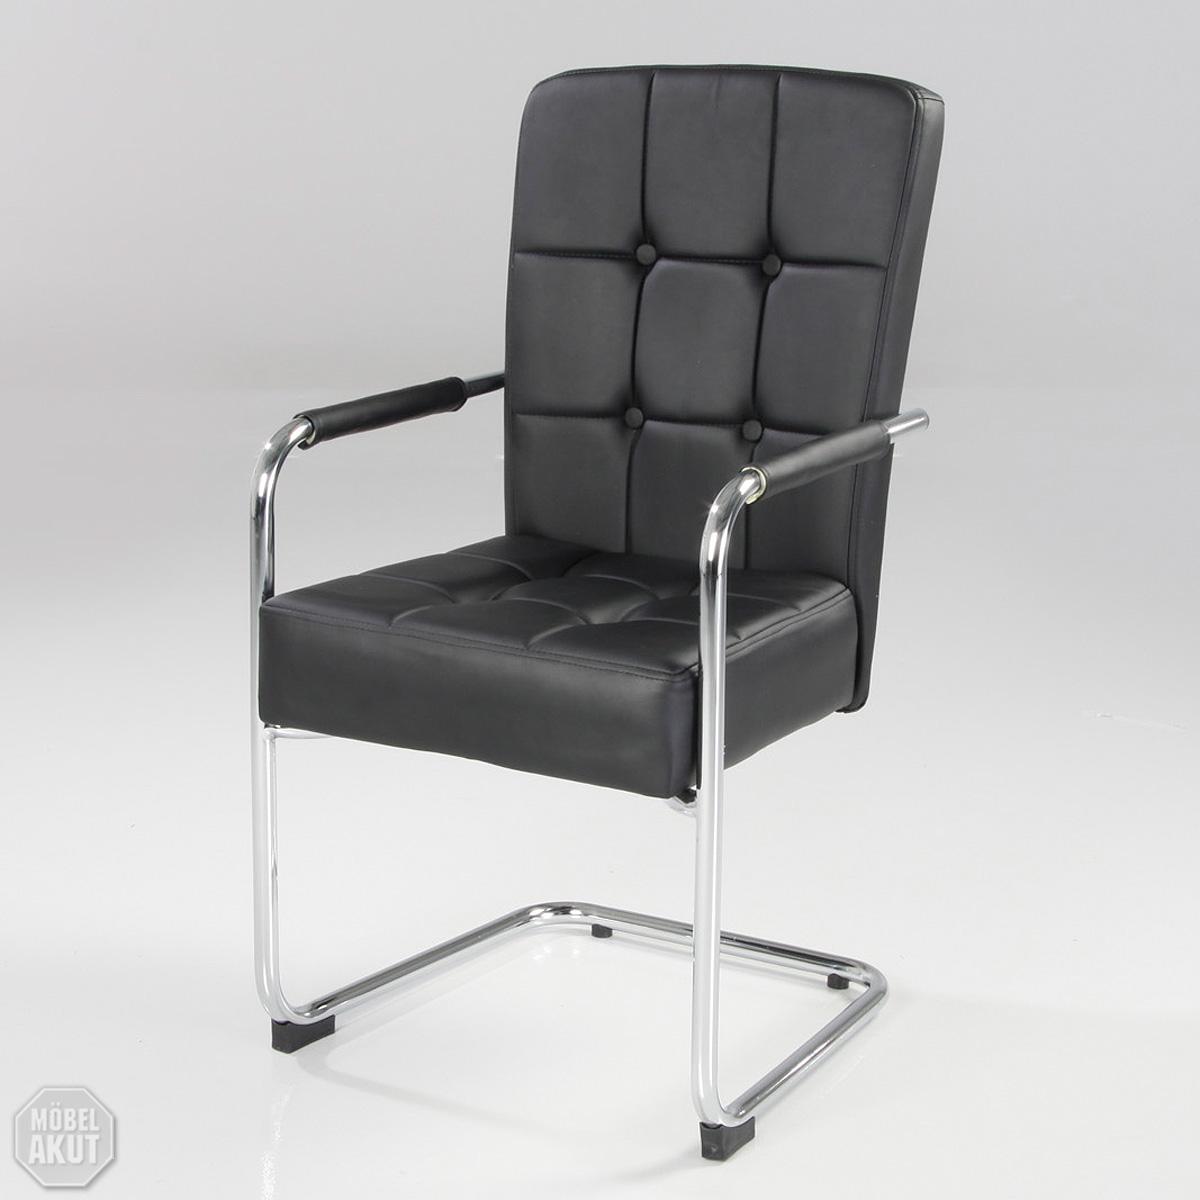 4er set schwingstuhl oliver mit armlehne stuhl lederlook for Stuhl mit armlehne schwarz